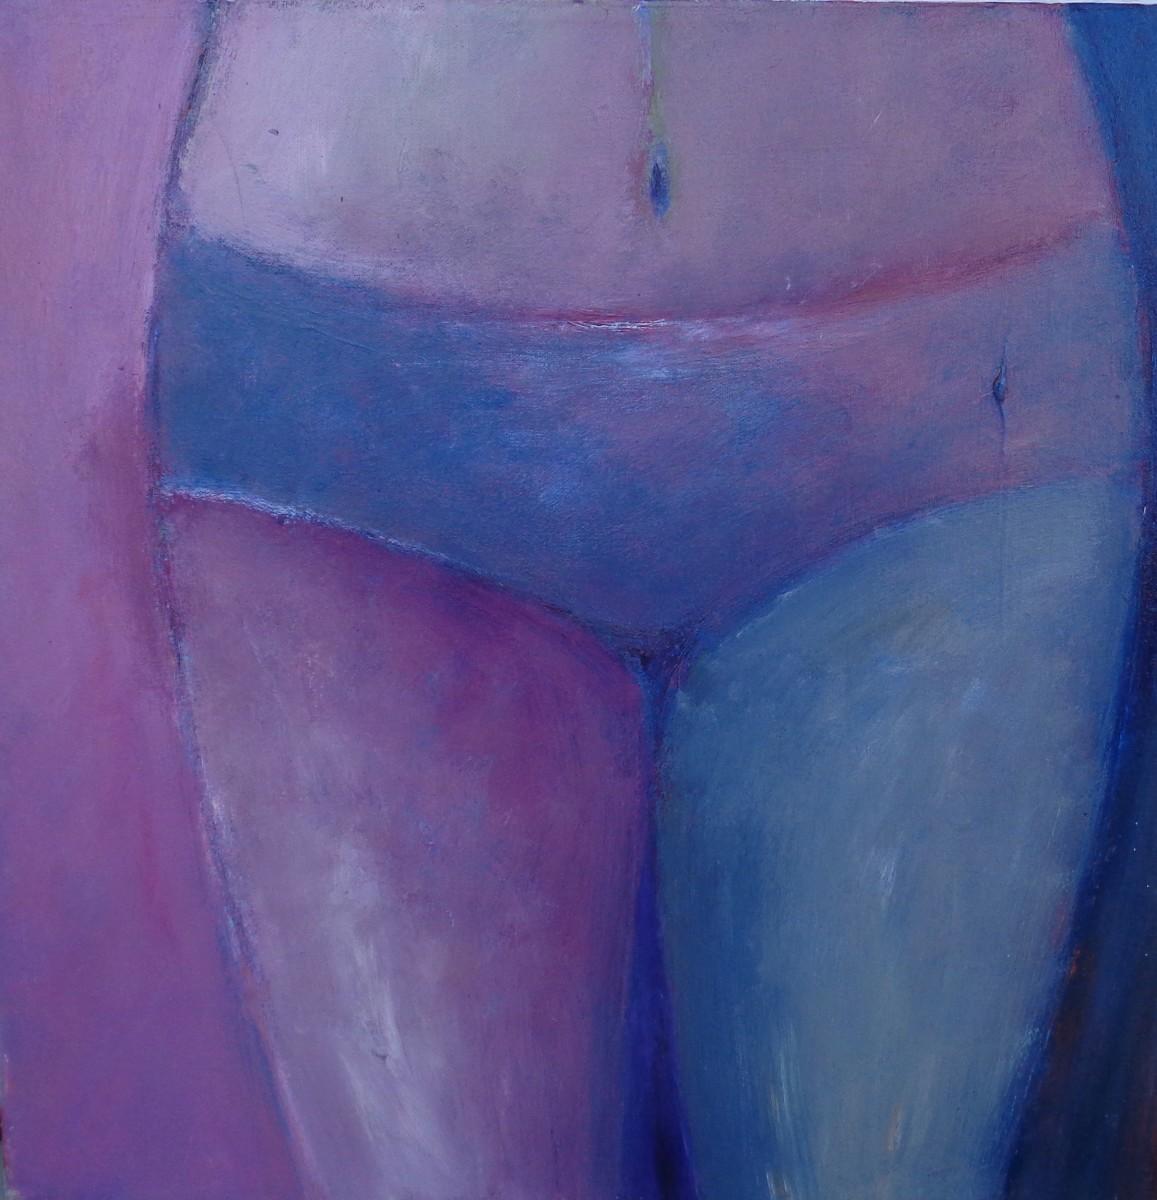 1102 Little Lavender Underpants